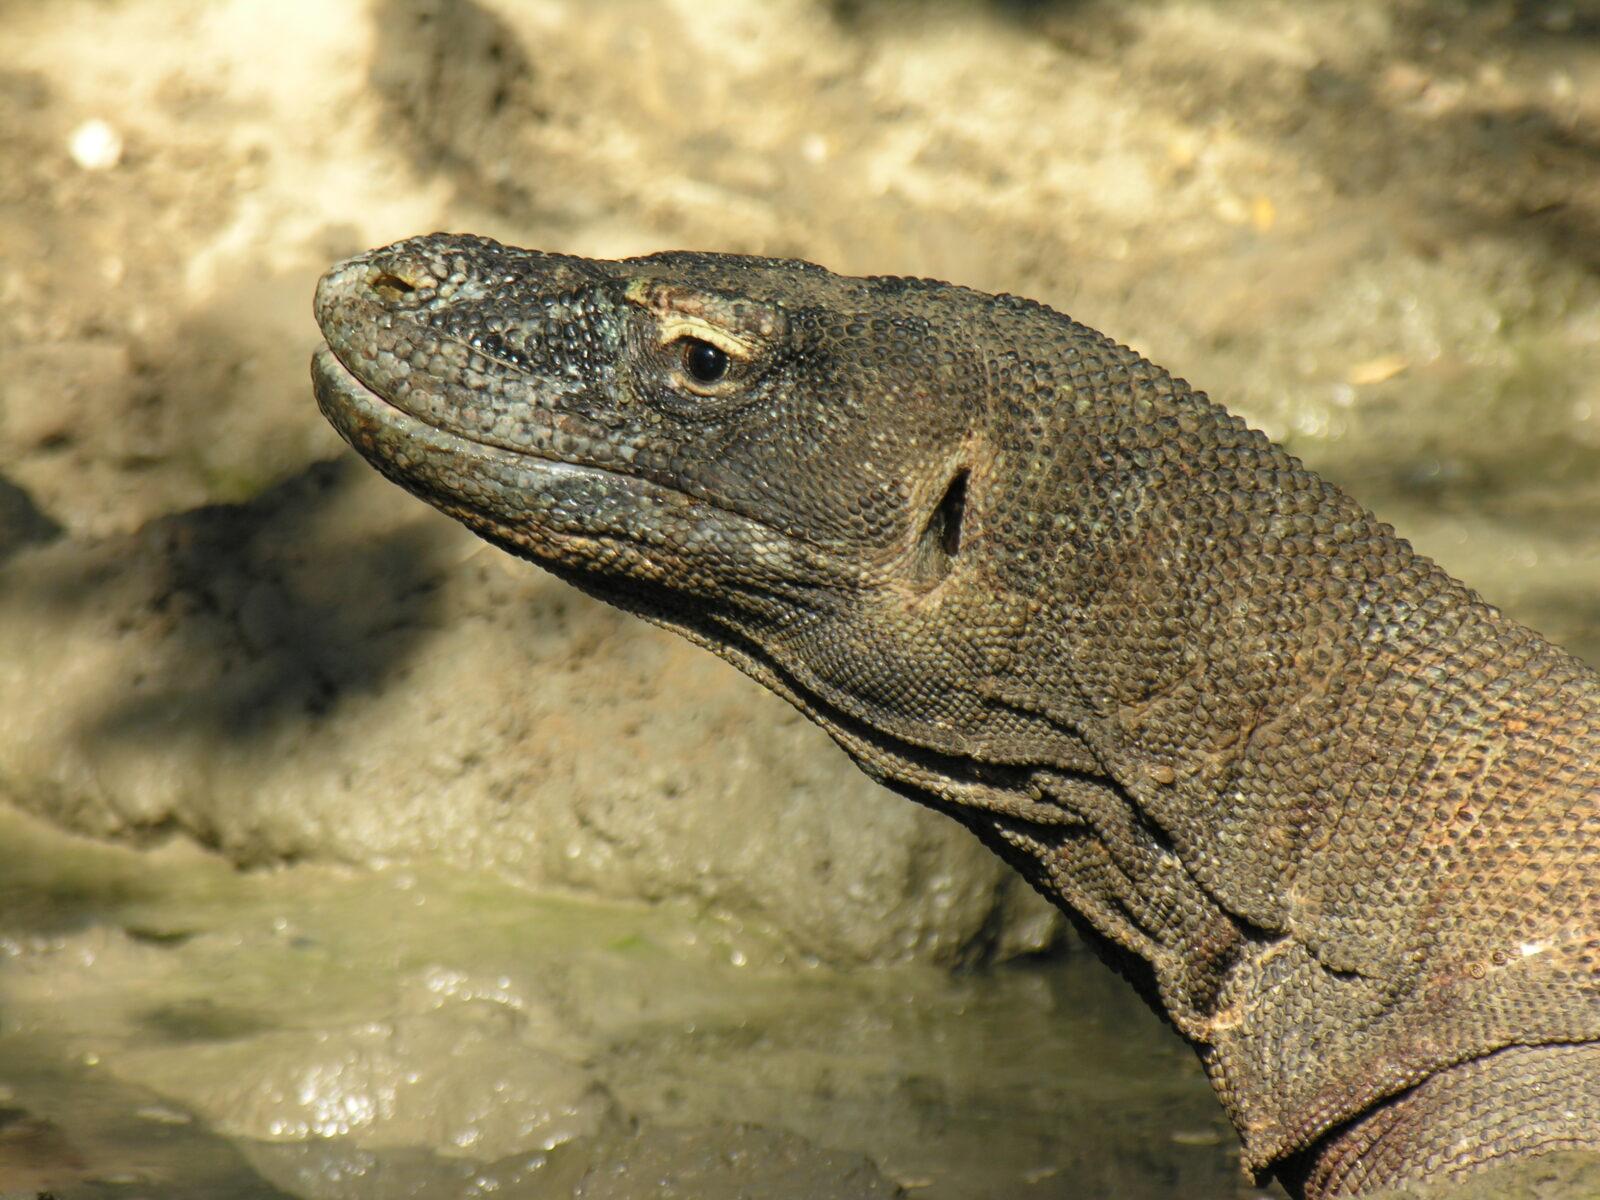 Indonesia Might Close Komodo National Park